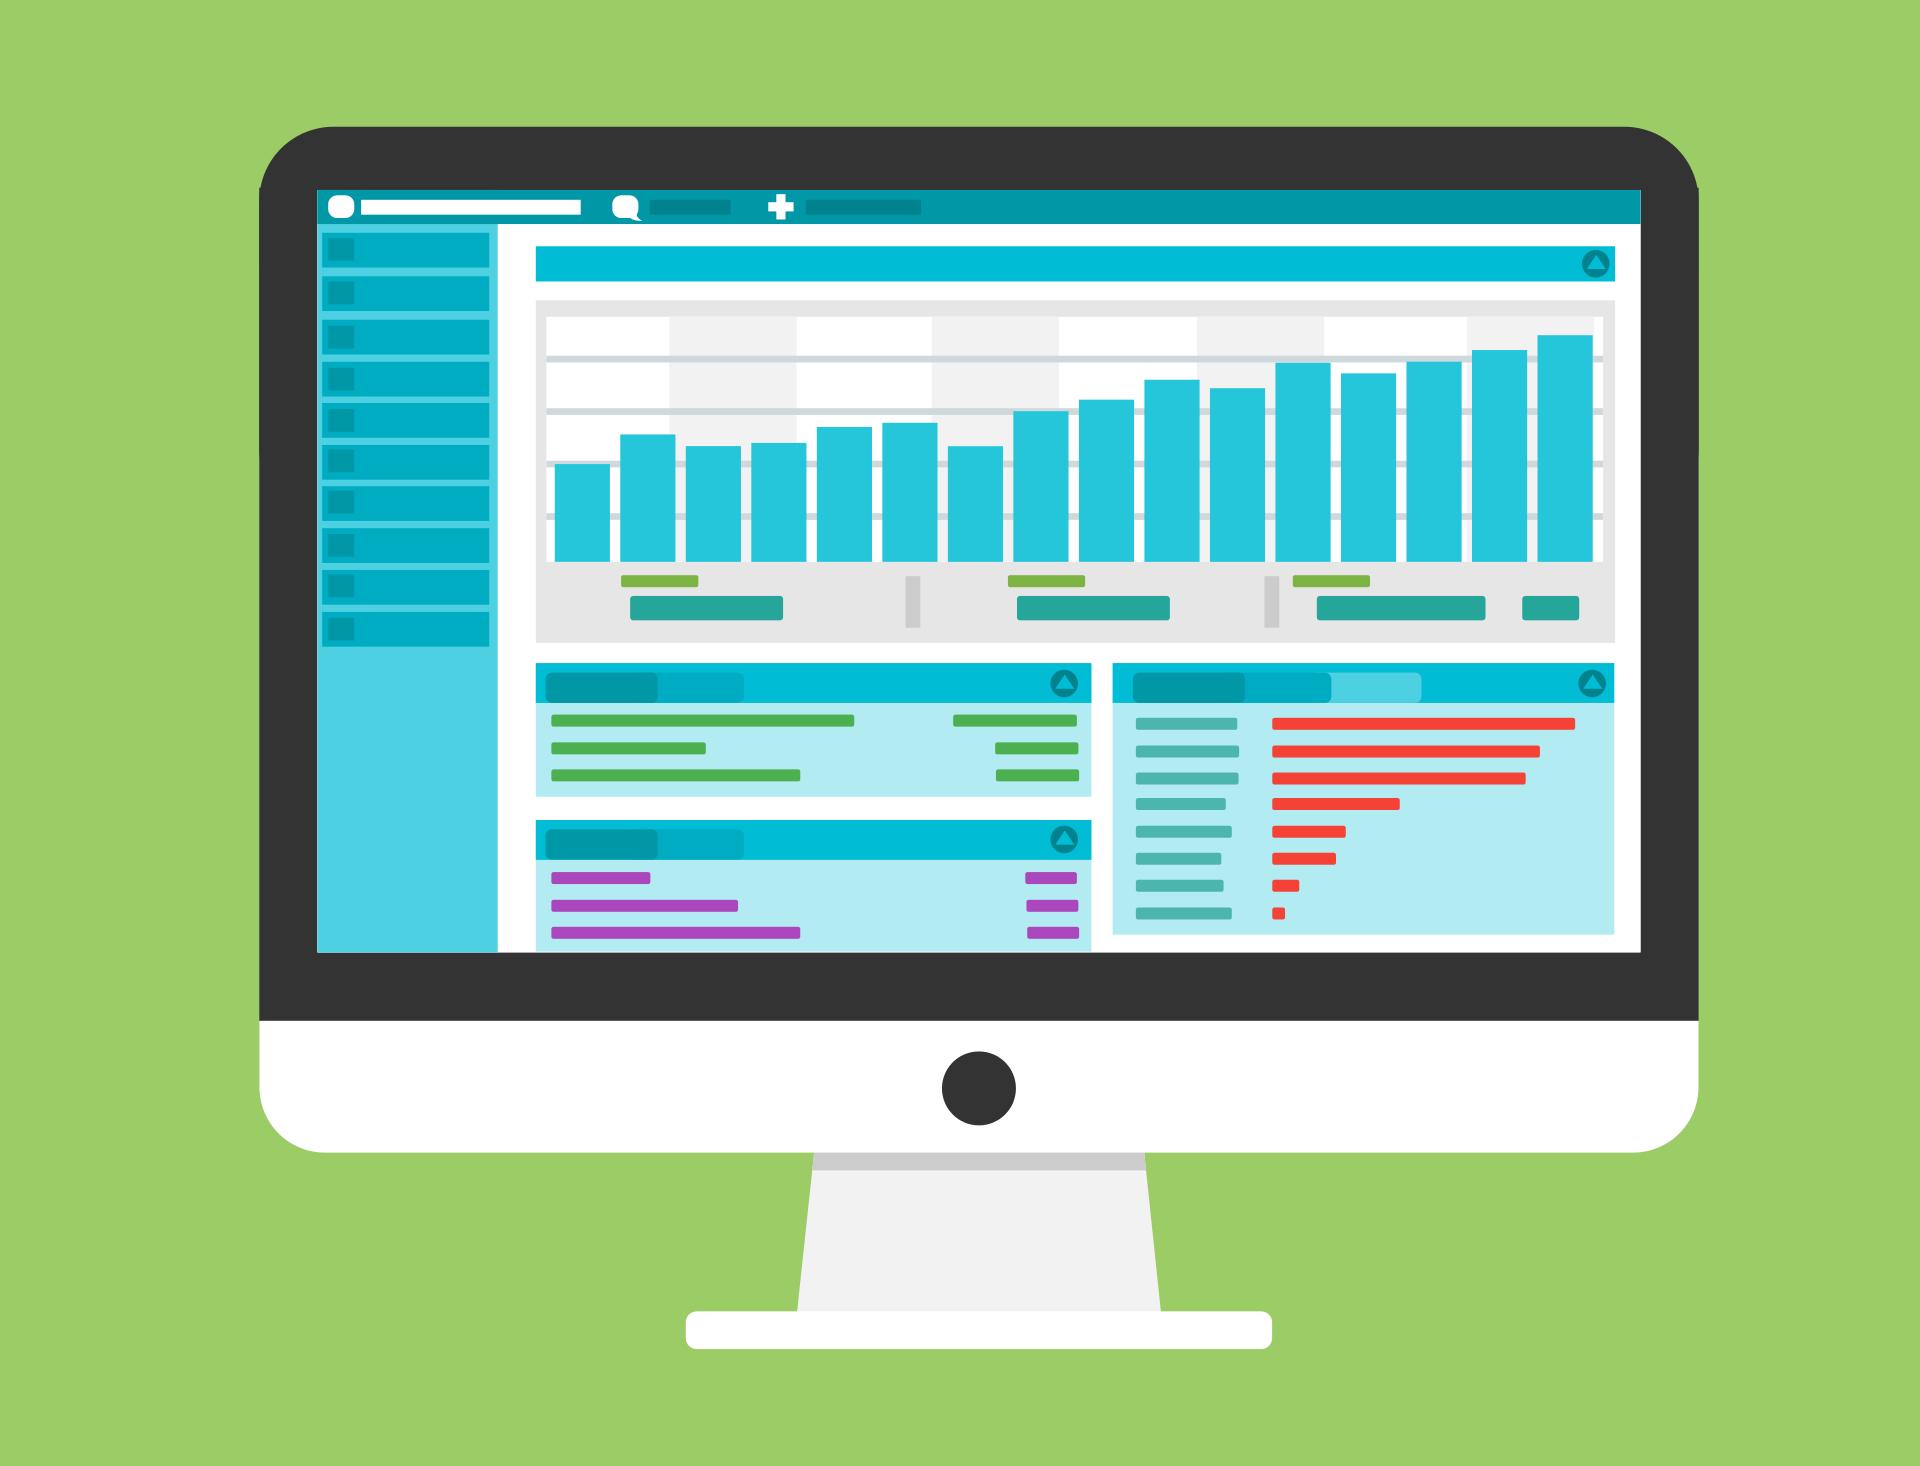 Optimize Your Web Content